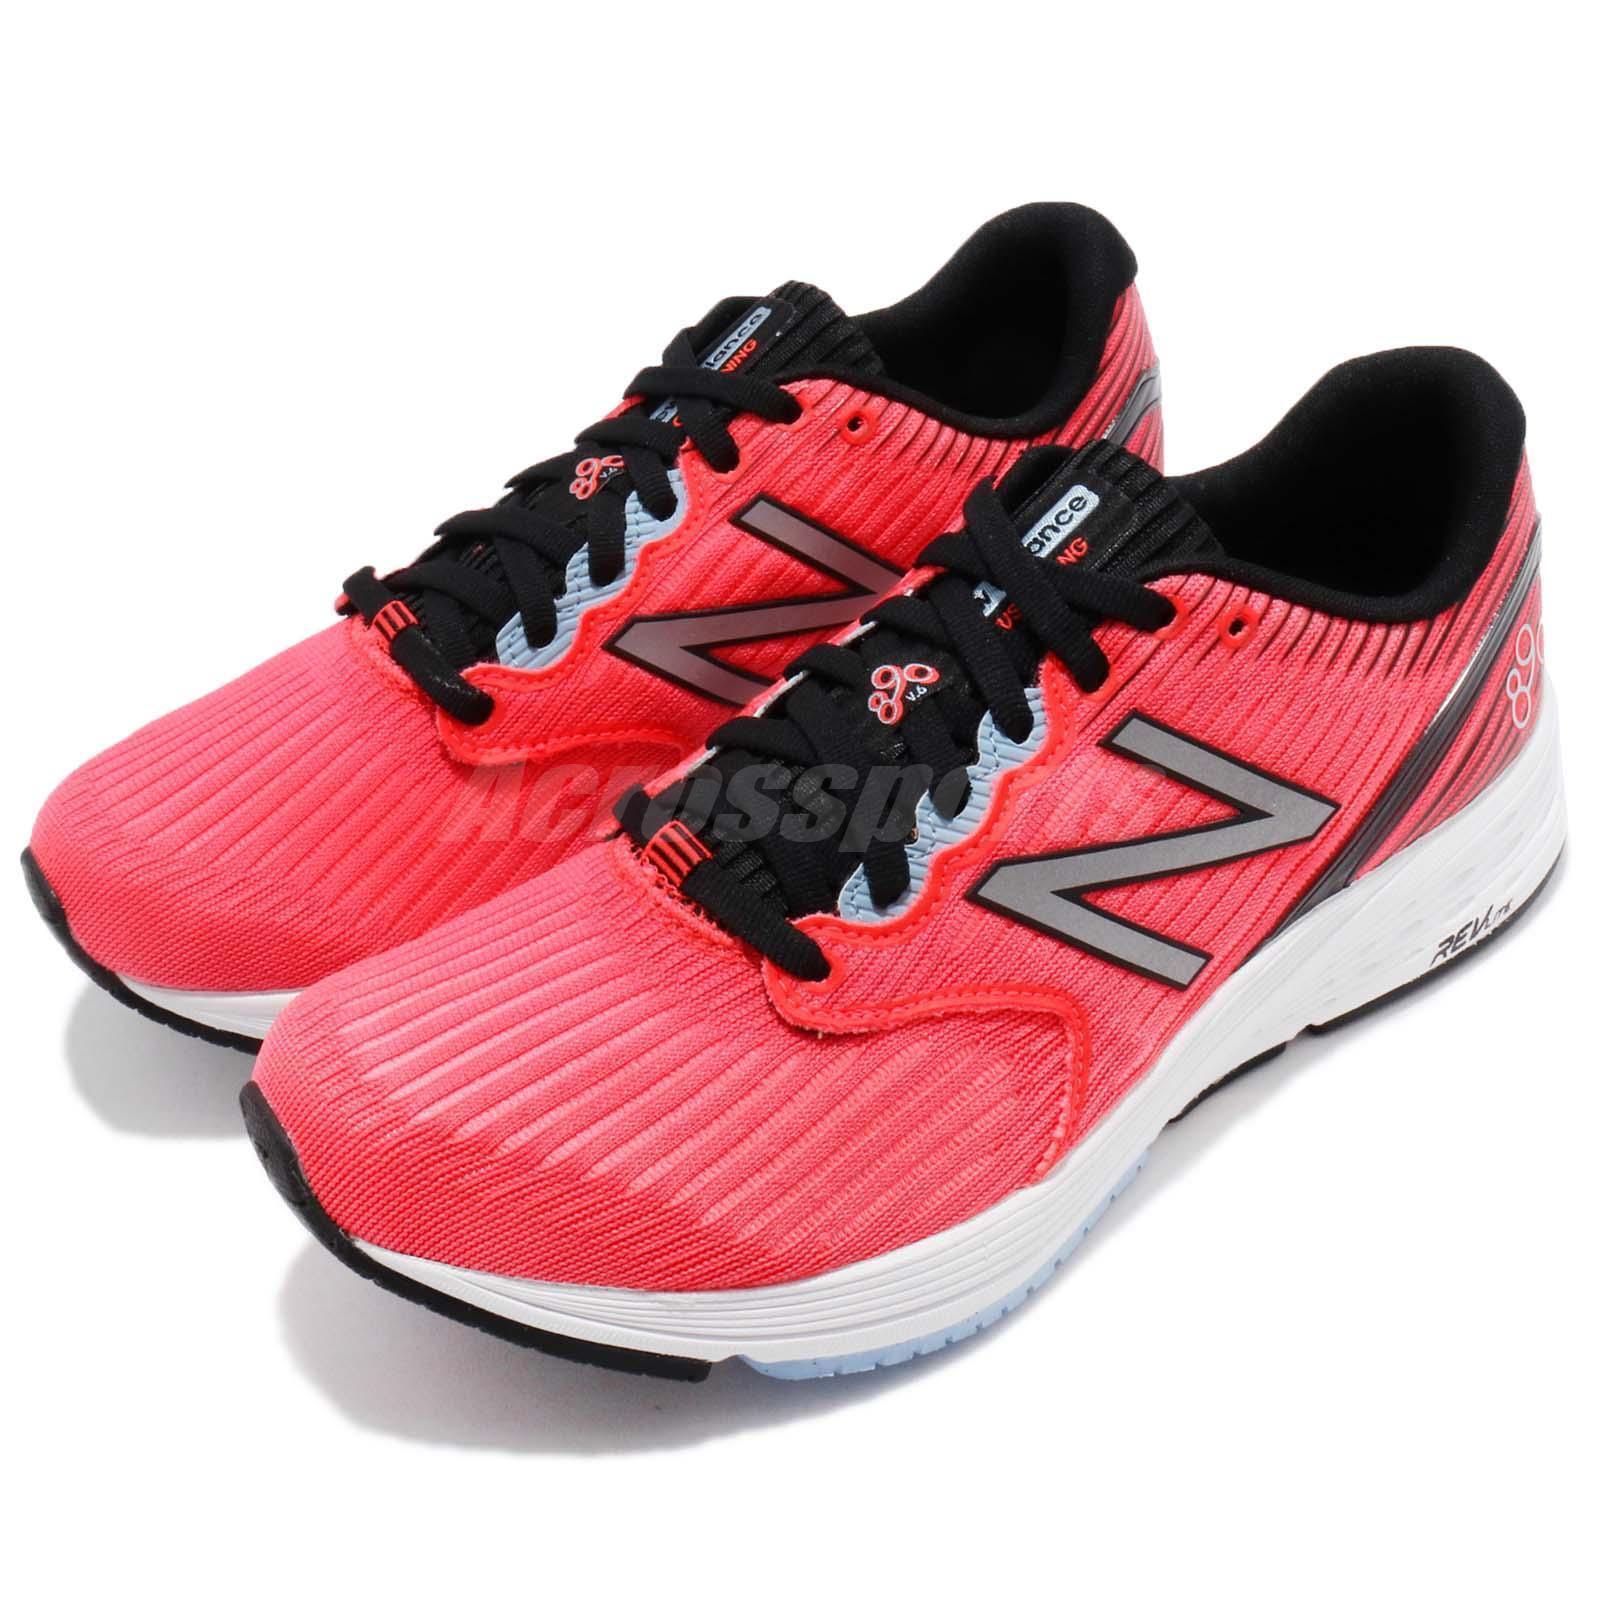 New Balance W890CB6 W890CB6 W890CB6 D V6 rosa nero argento donna Running scarpe scarpe da ginnastica W890CB6D | Alta sicurezza  57e46c